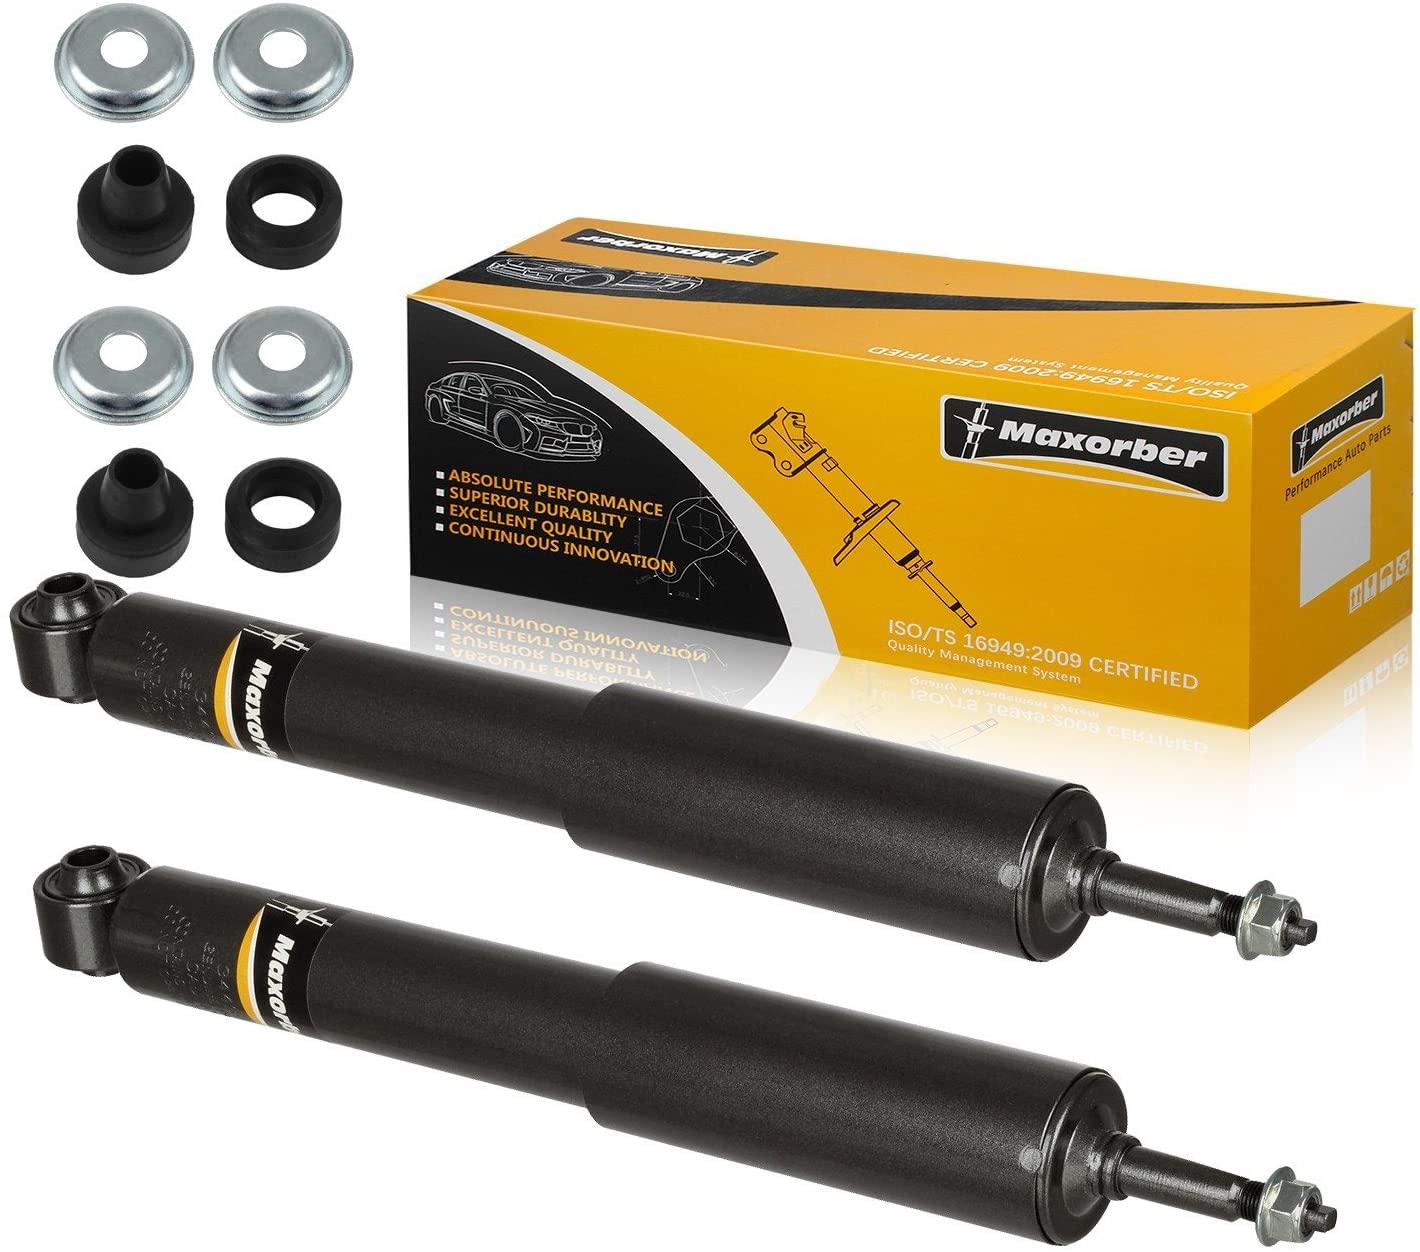 Maxorber Front Set Shocks Struts Absorber Kit Compatible with Dodge Ram 1500 Pickup 2002 2003 2004 2005 4WD Shocks Absorber